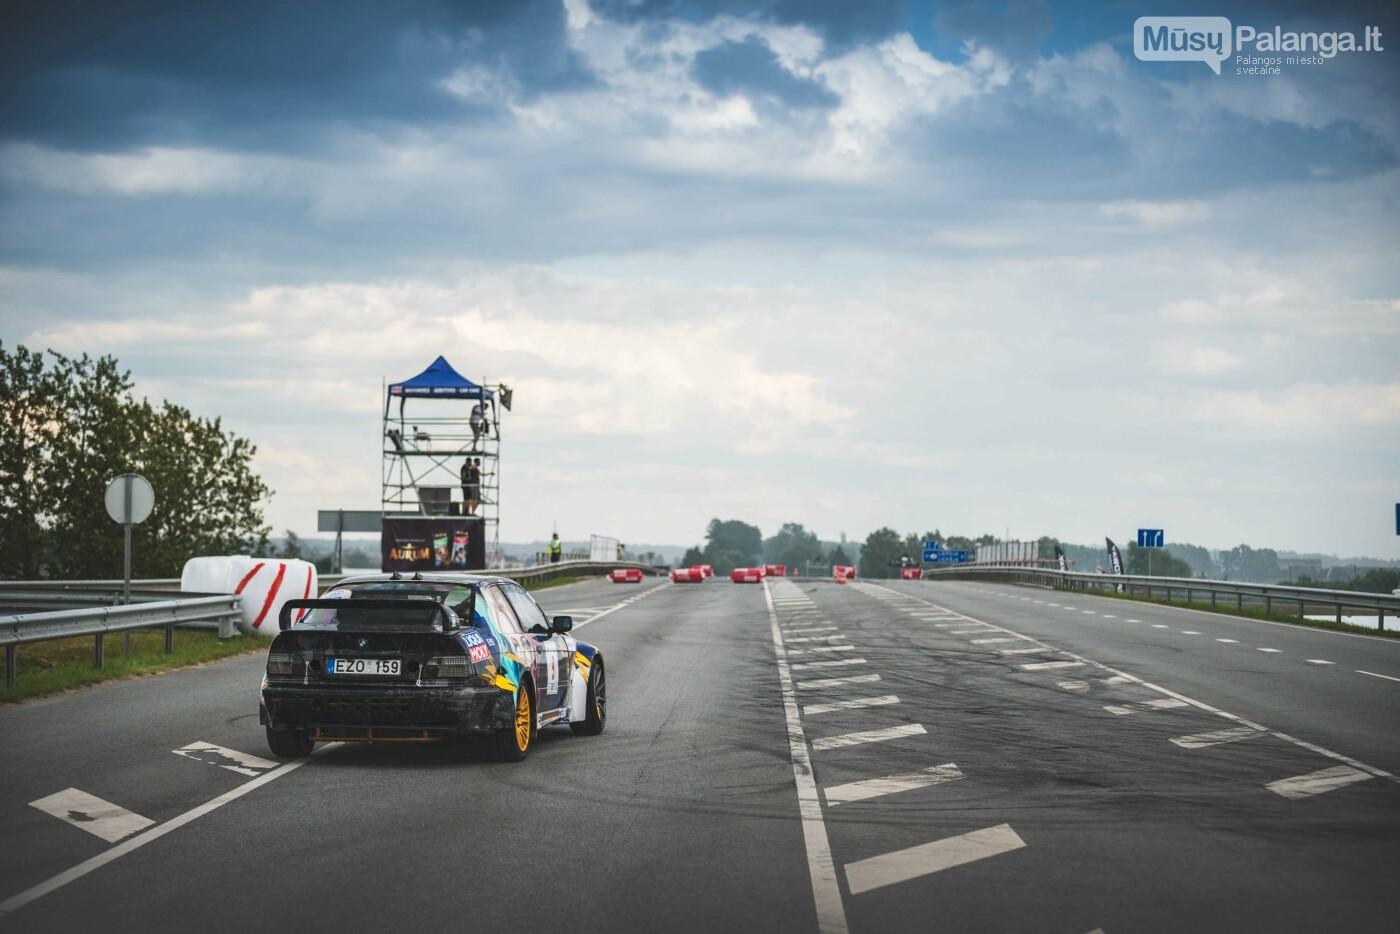 Šonaslydžio meistrus egzaminavo lietus ir šlapia trasa, nuotrauka-1, Arno STRUMILOS nuotr.